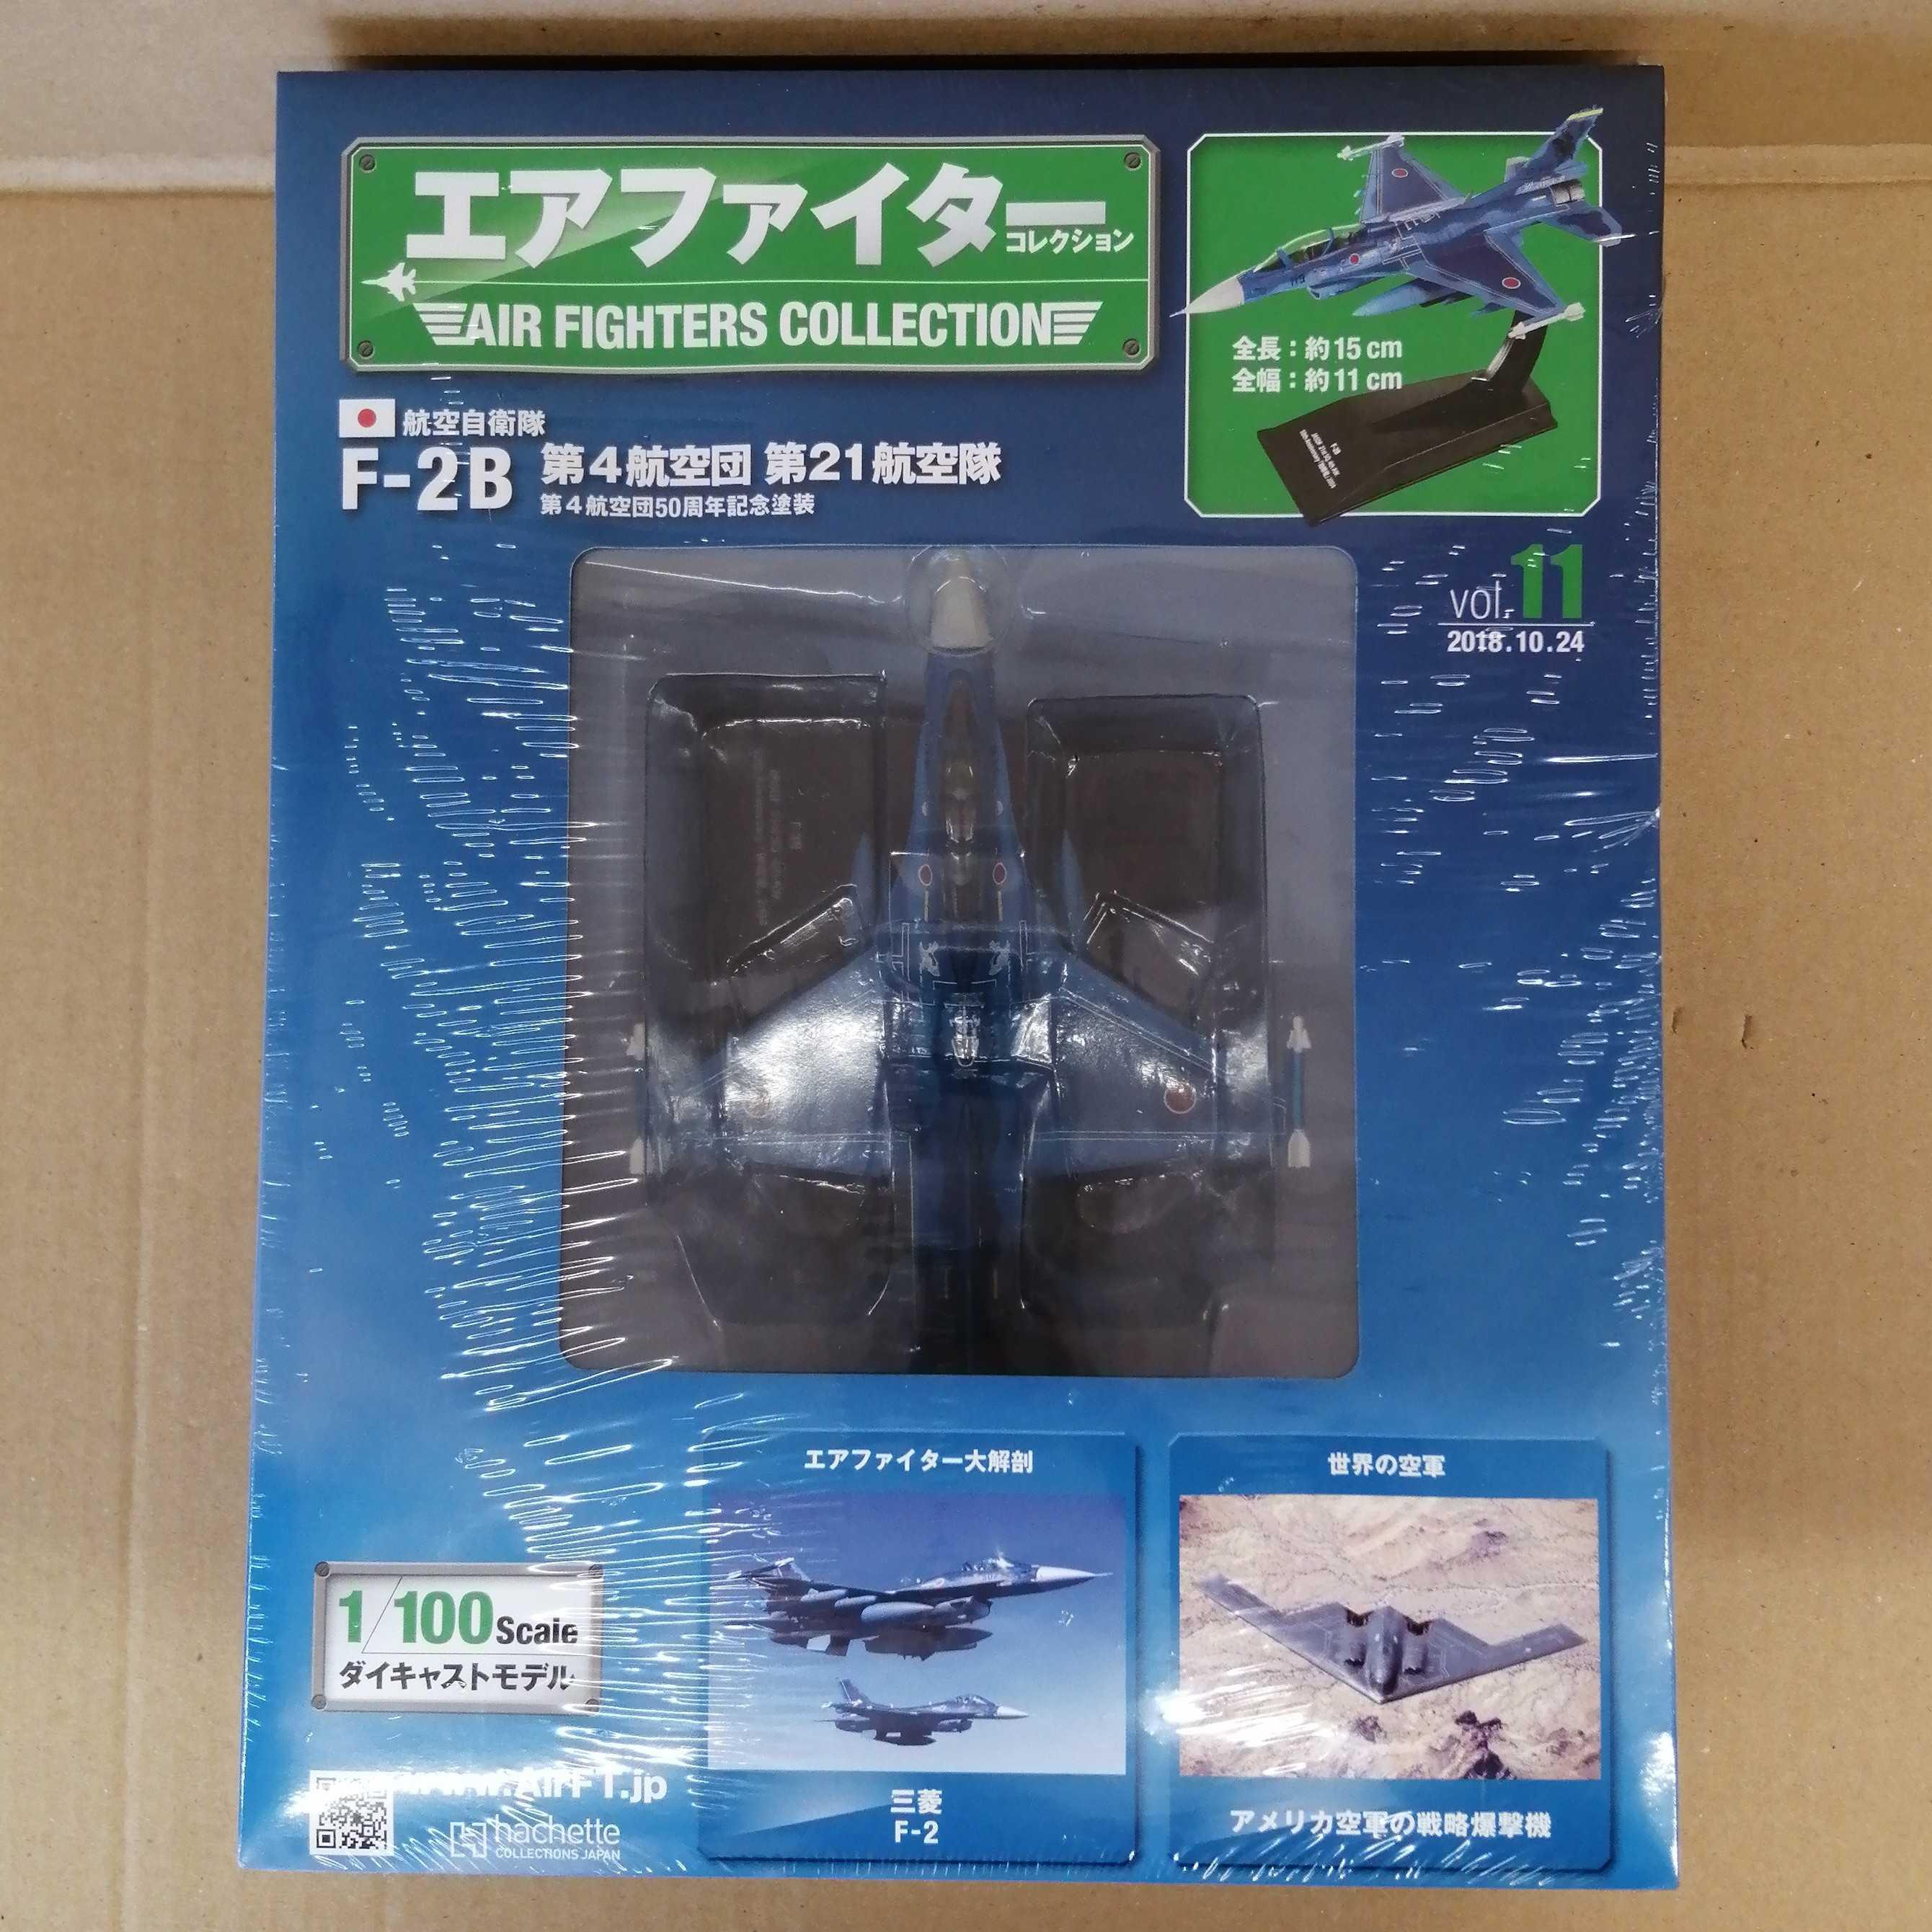 航空自衛隊 F-2B 第4航空団 第21航空隊 アシェット・コレクションズ